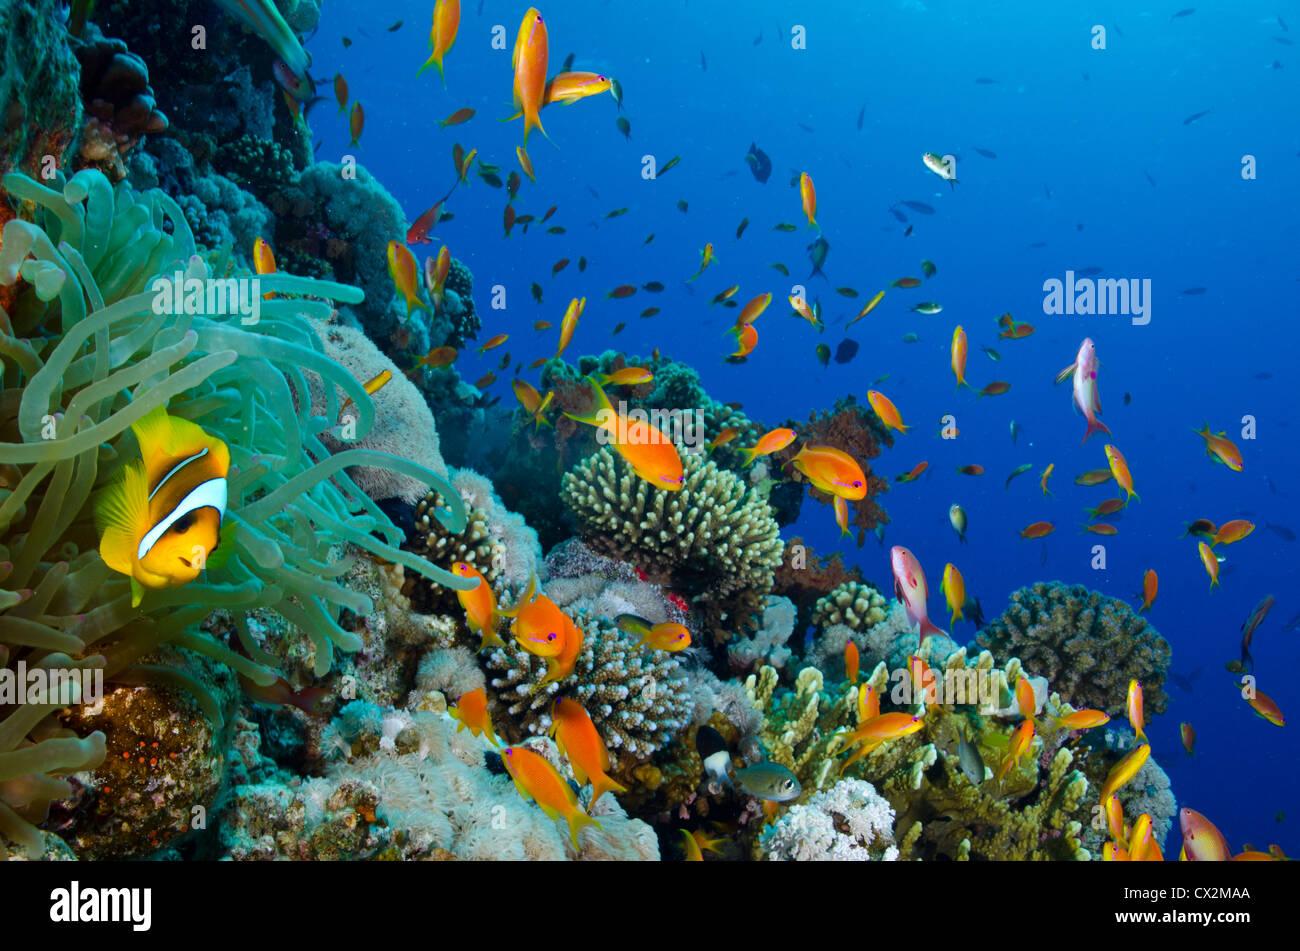 Barrière de corail, Mer Rouge, Egypte, Fonds sous-marins, récifs tropicaux, l'eau bleu, plongée, Photo Stock